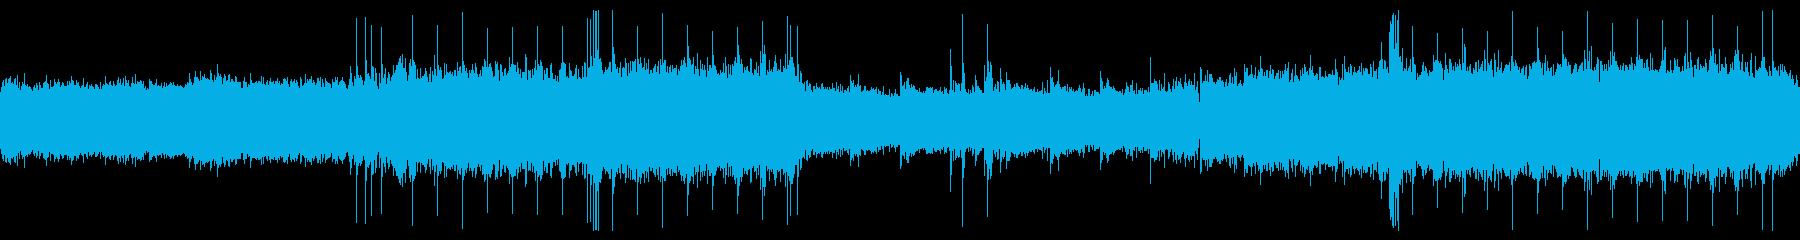 工場BGMの再生済みの波形